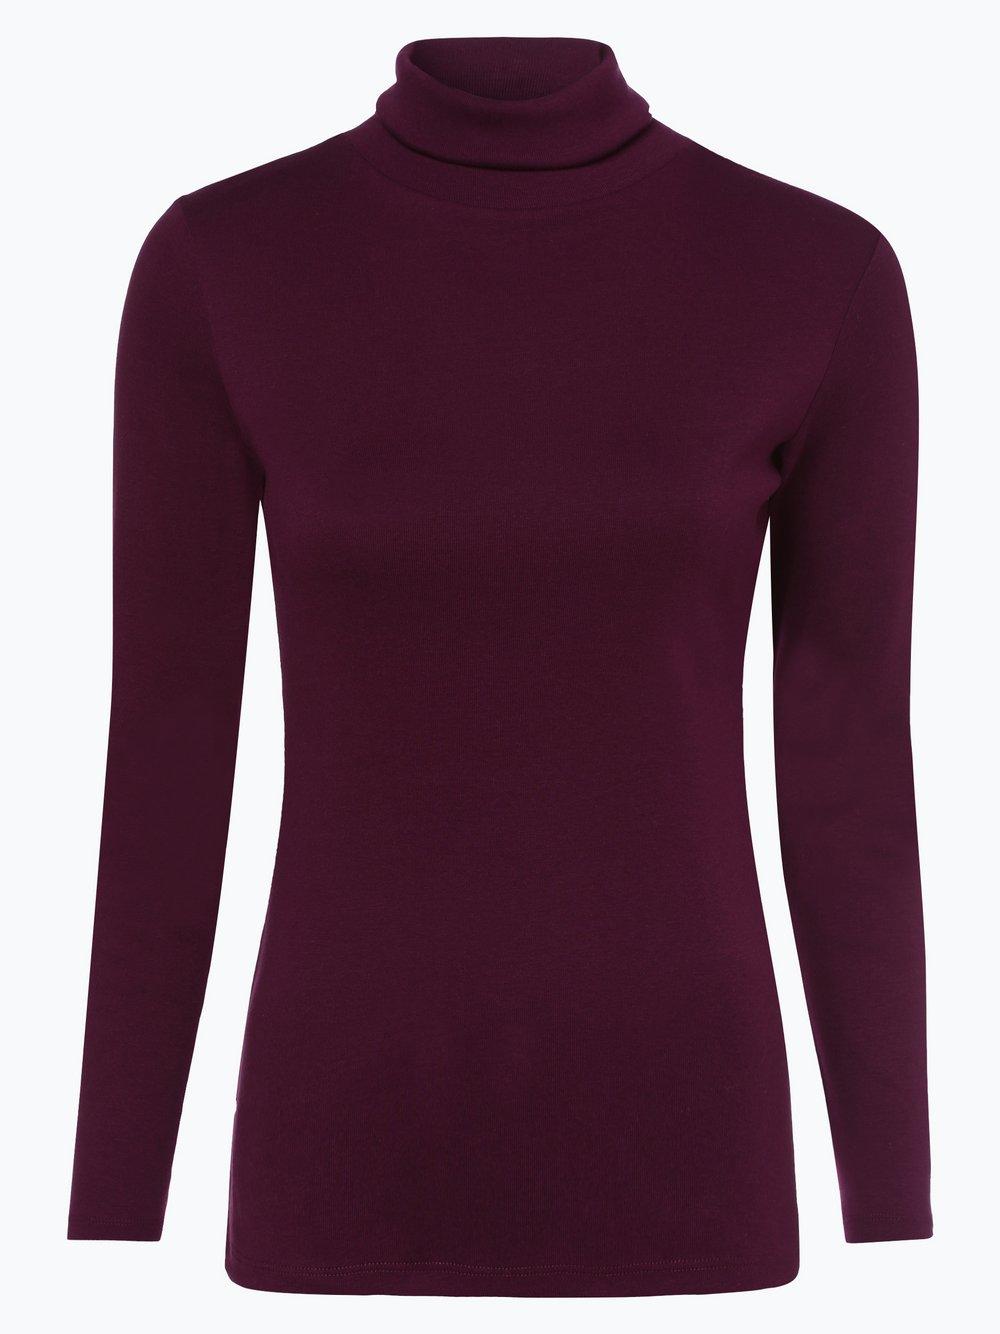 brookshire - Damska koszulka z długim rękawem, czerwony